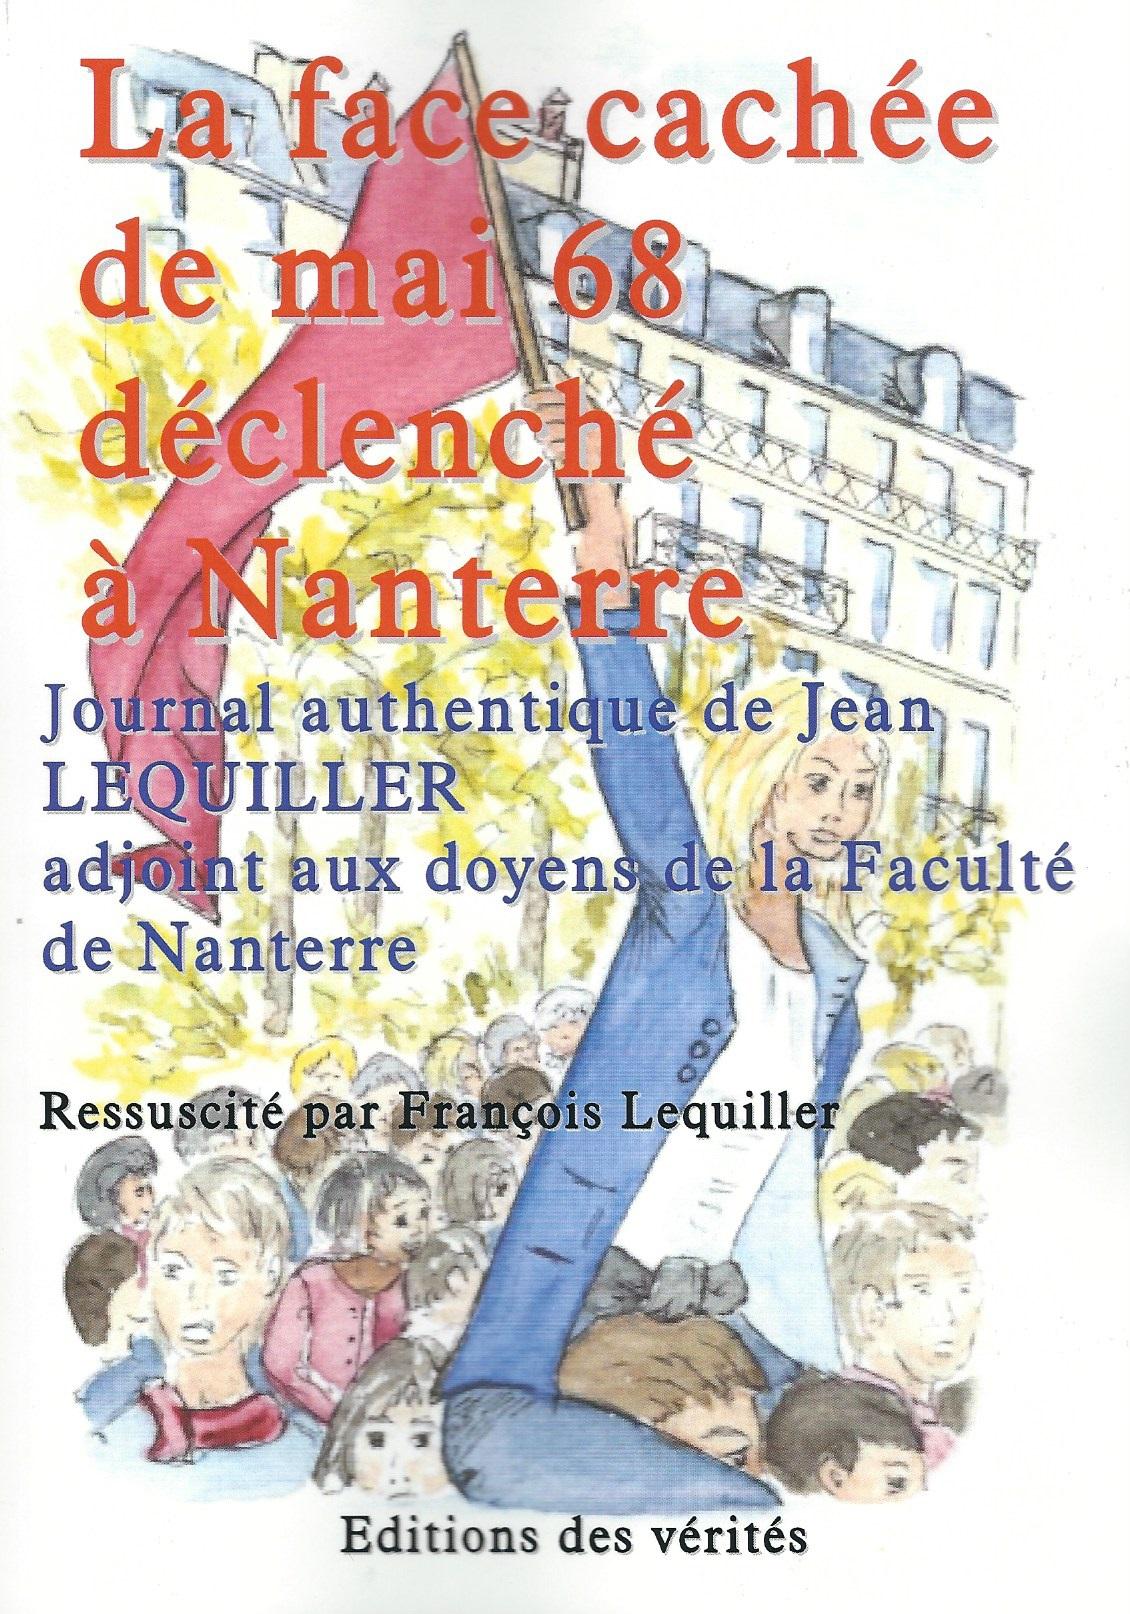 La face cachée de mai 68 déclenché à  Nanterre - Jean LEQUILLER François Lequiller